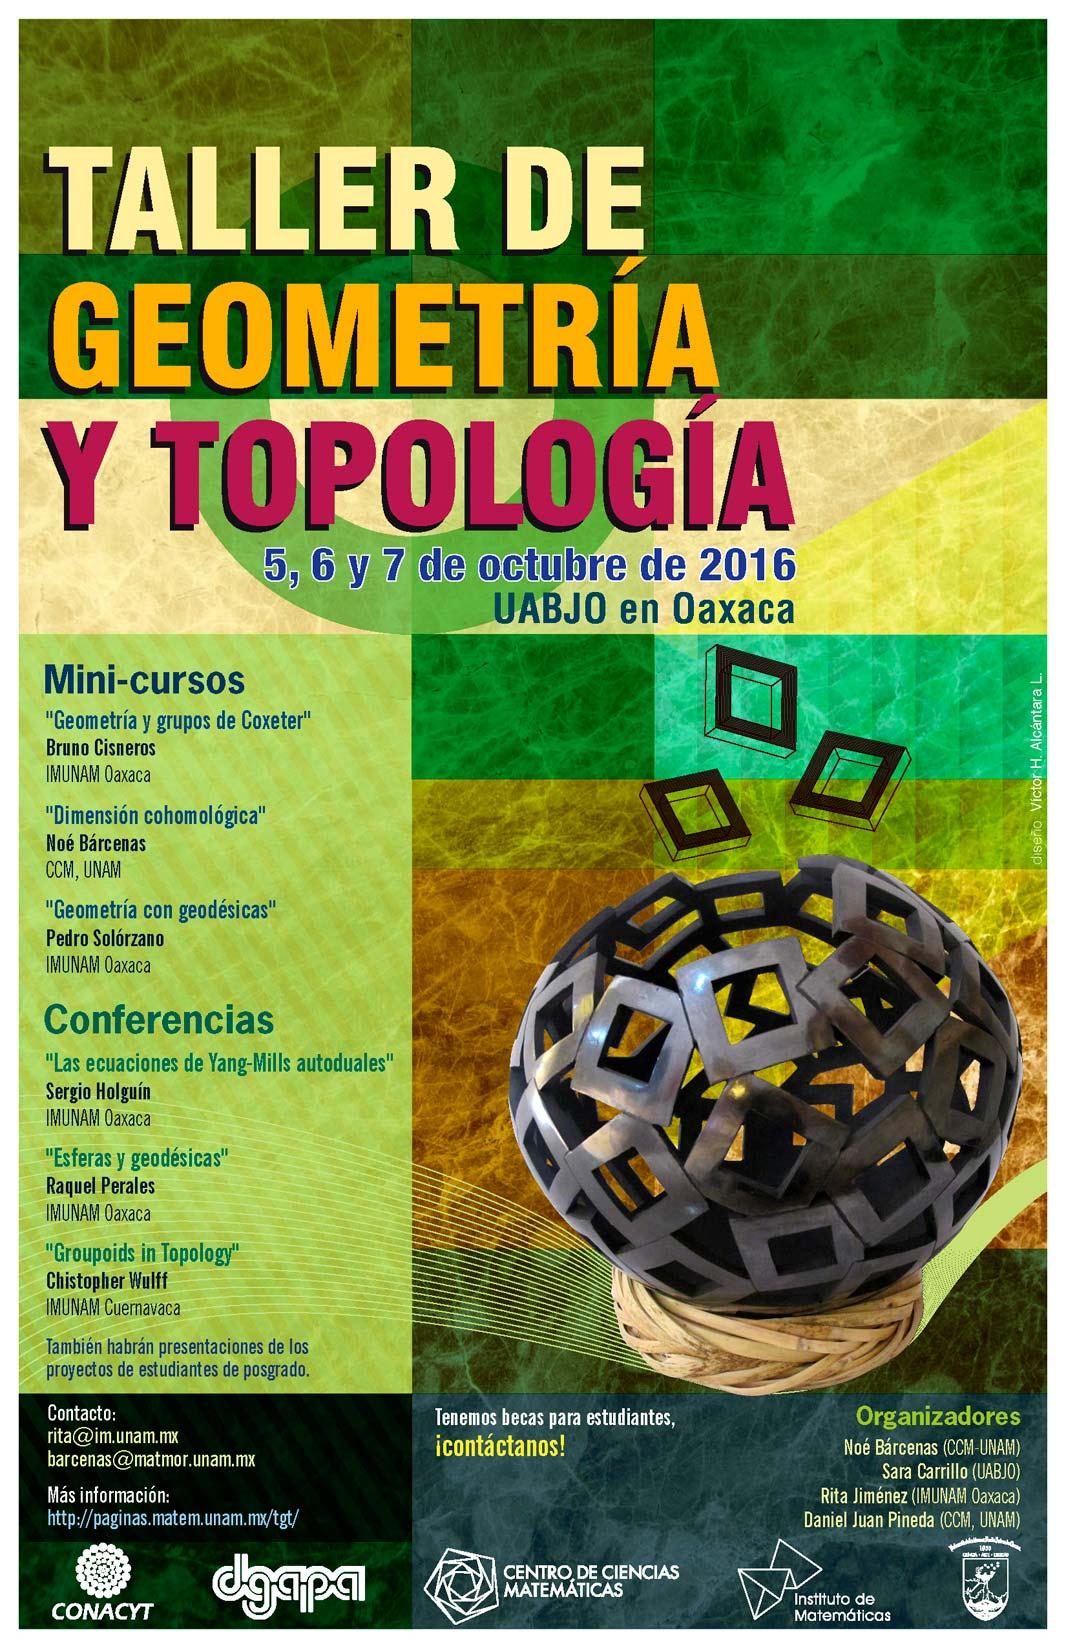 Taller de Geometría y Topología, Oaxaca